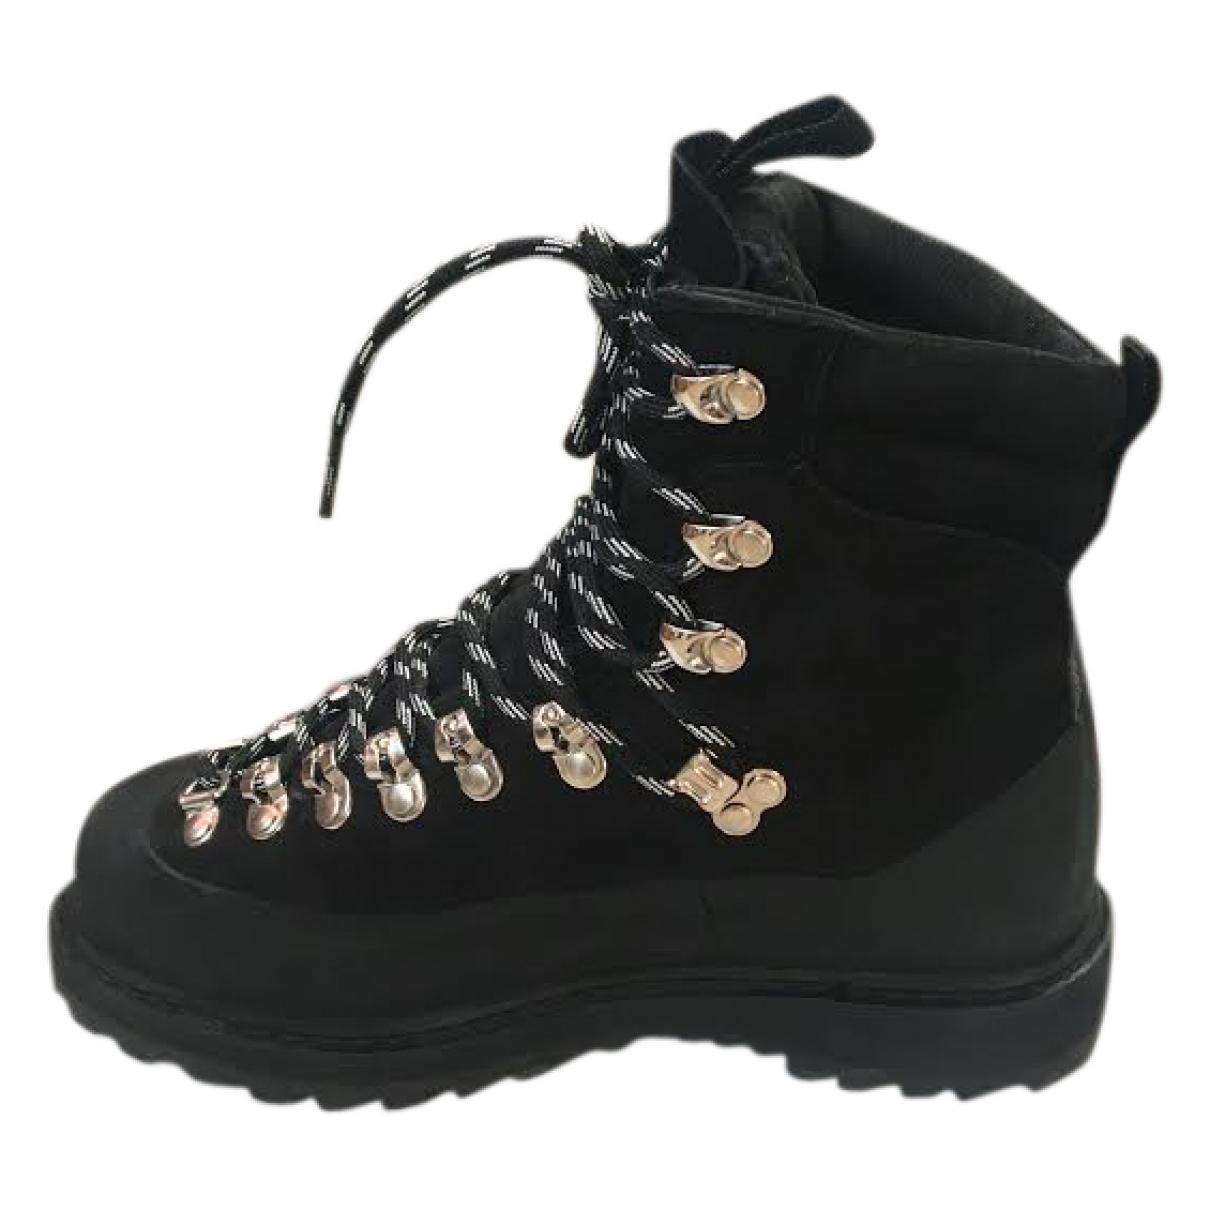 Diemme - Boots   pour femme en cuir - noir